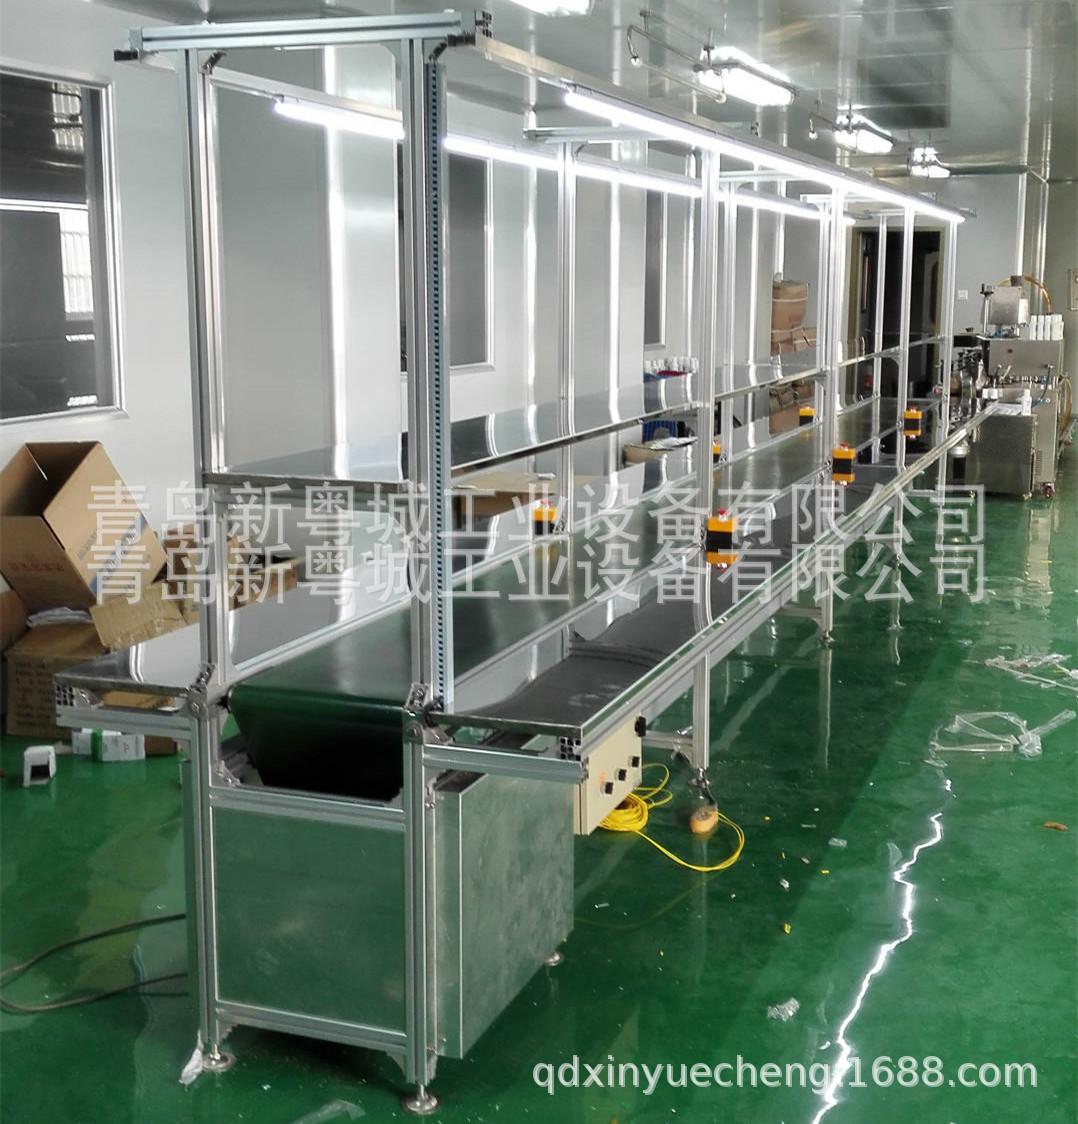 工业隧道炉_青岛厂家直销红外线隧道炉青岛新粤城工业